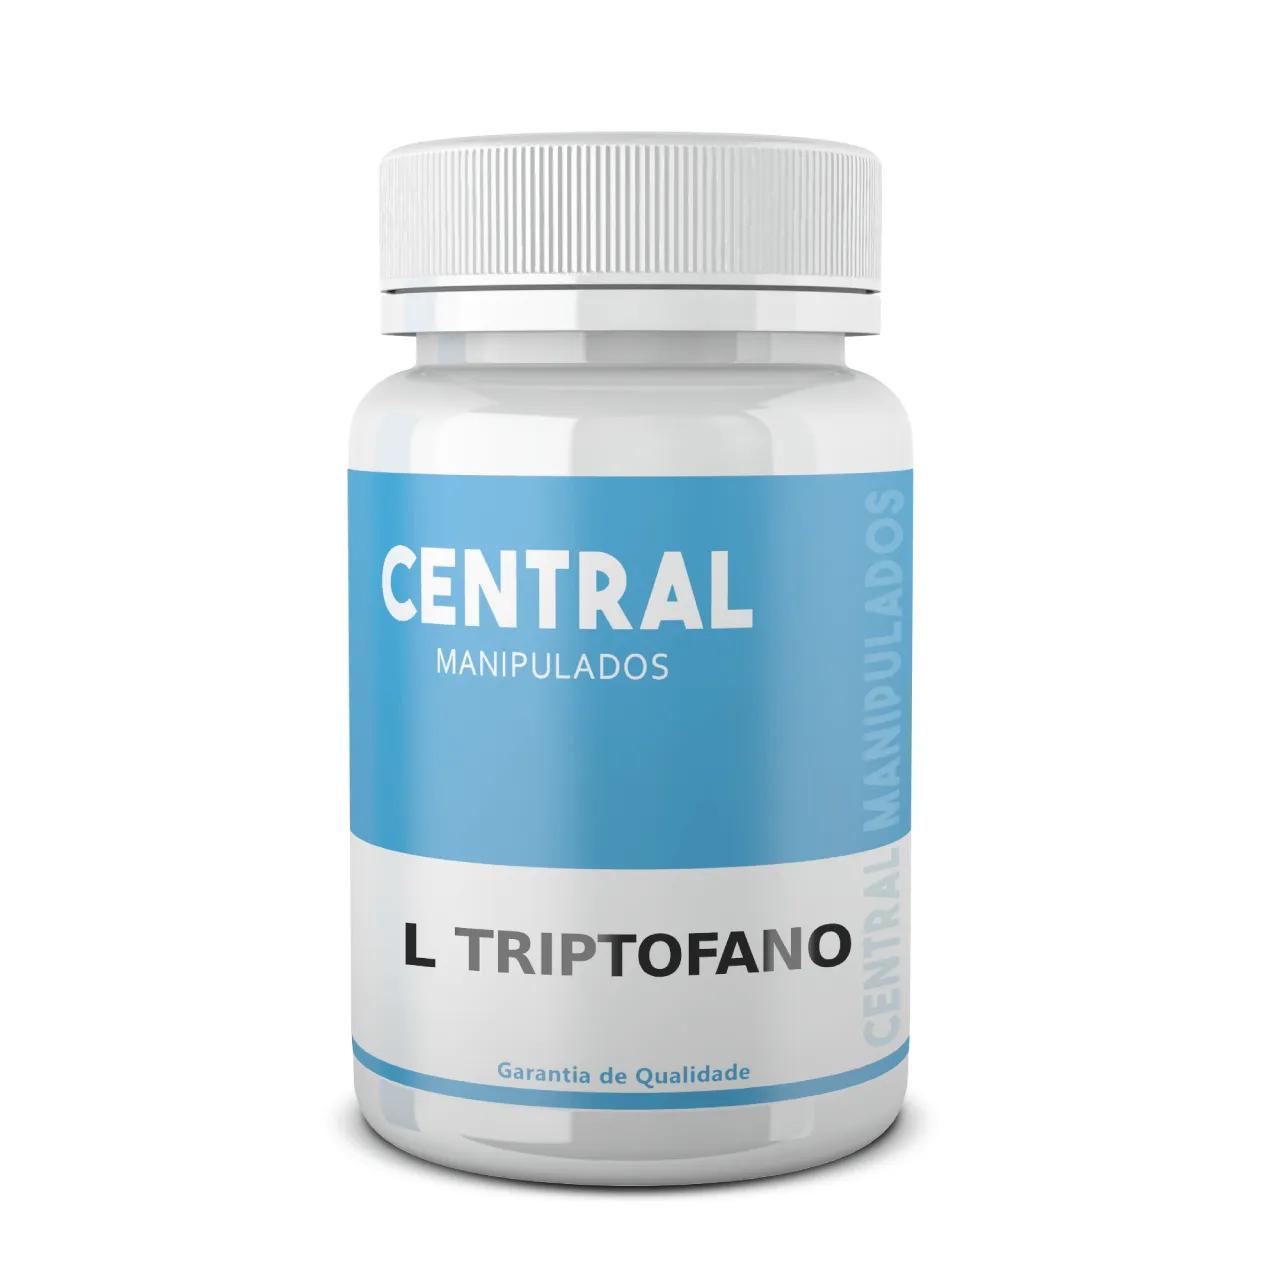 L-triptofano 500 mg - 30 cápsulas  - Suplemento para Stress, sono e depresão